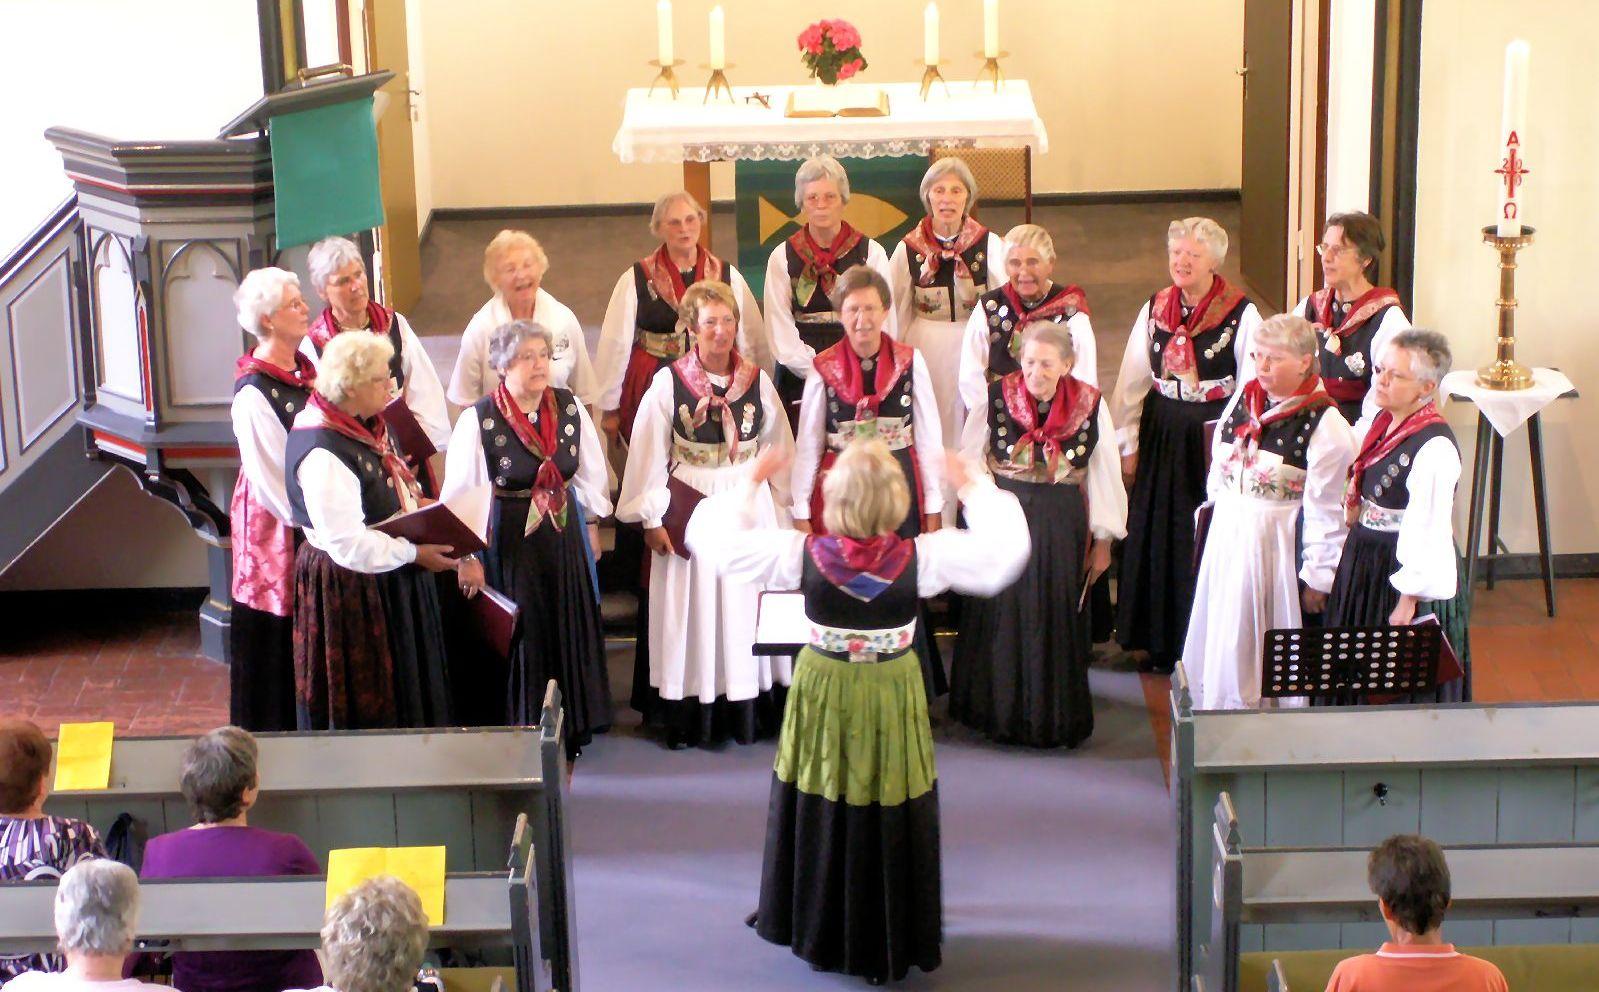 Probsteier Landfrauenchor von 1985